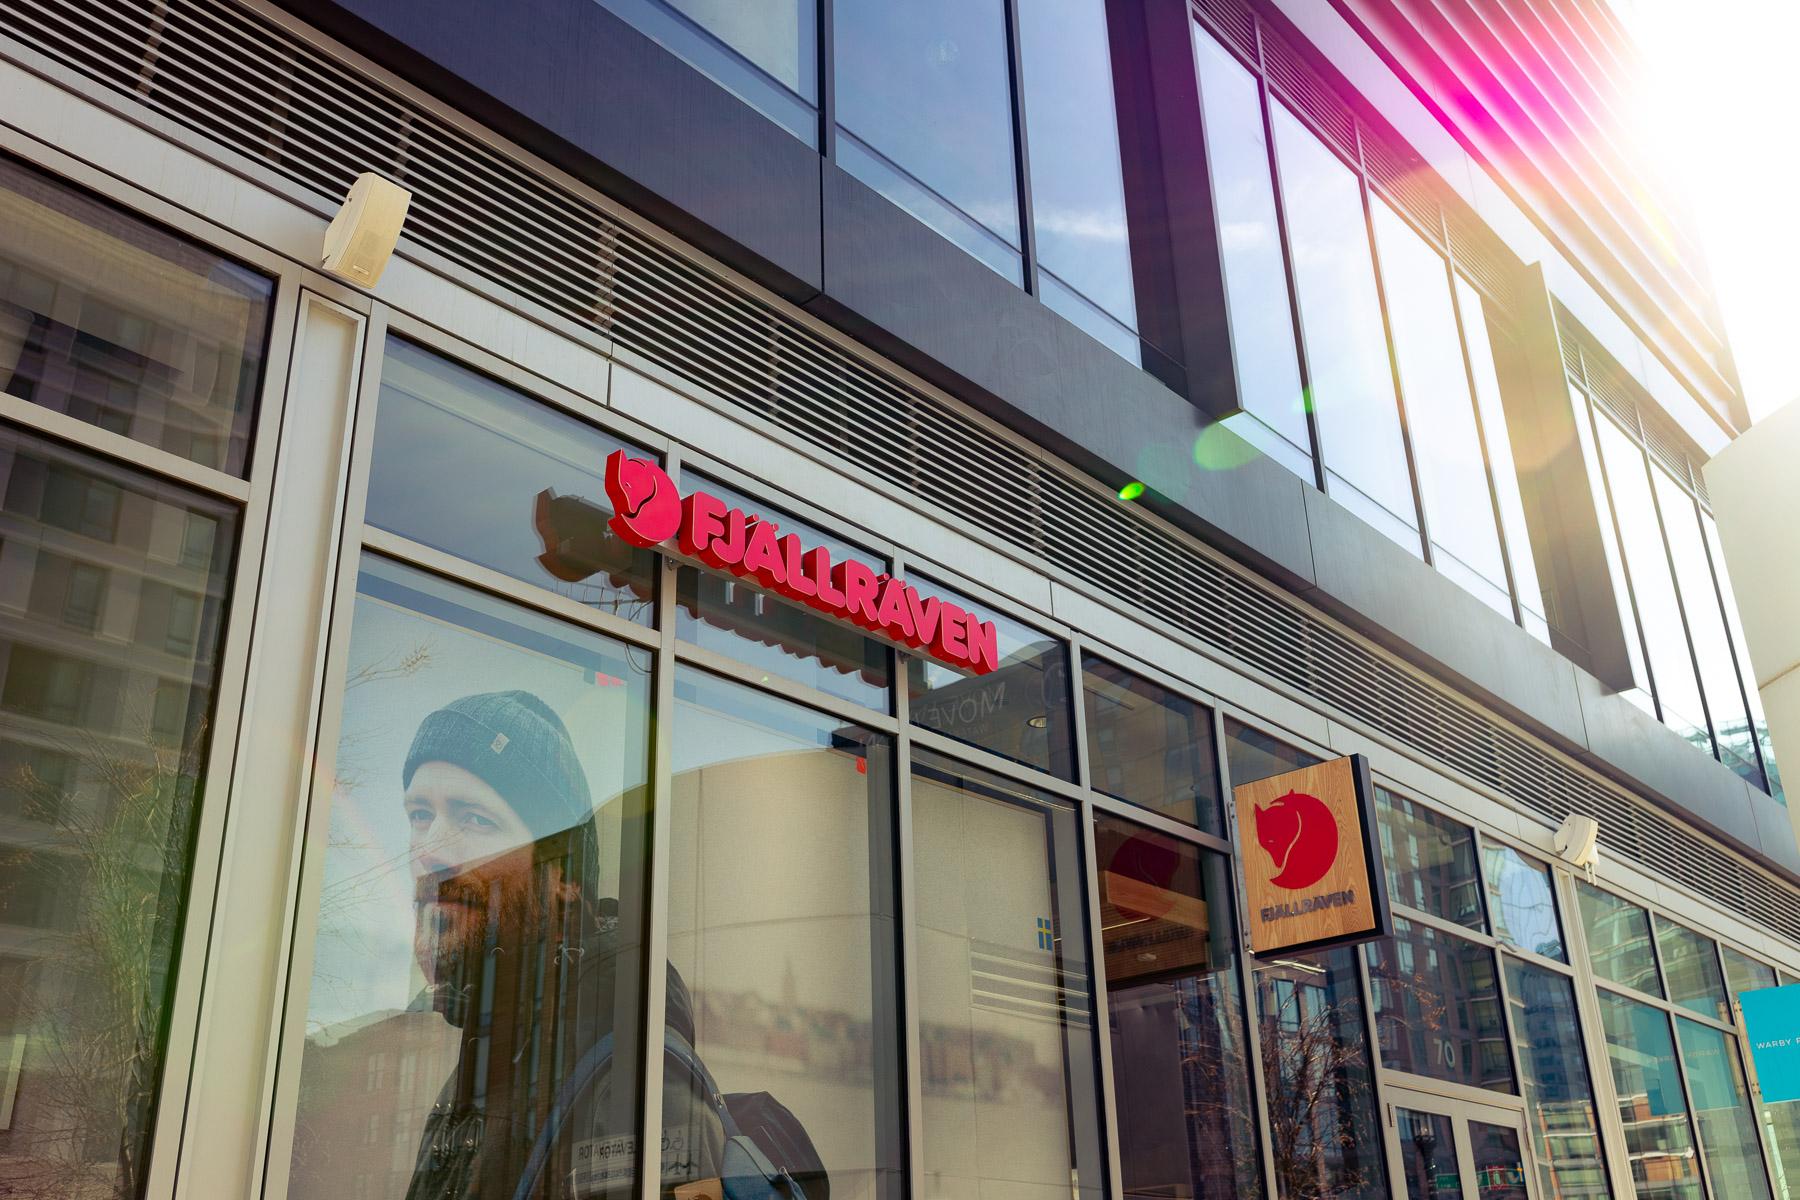 Fjallraven retailer in Boston, Massachusetts Store pic 3